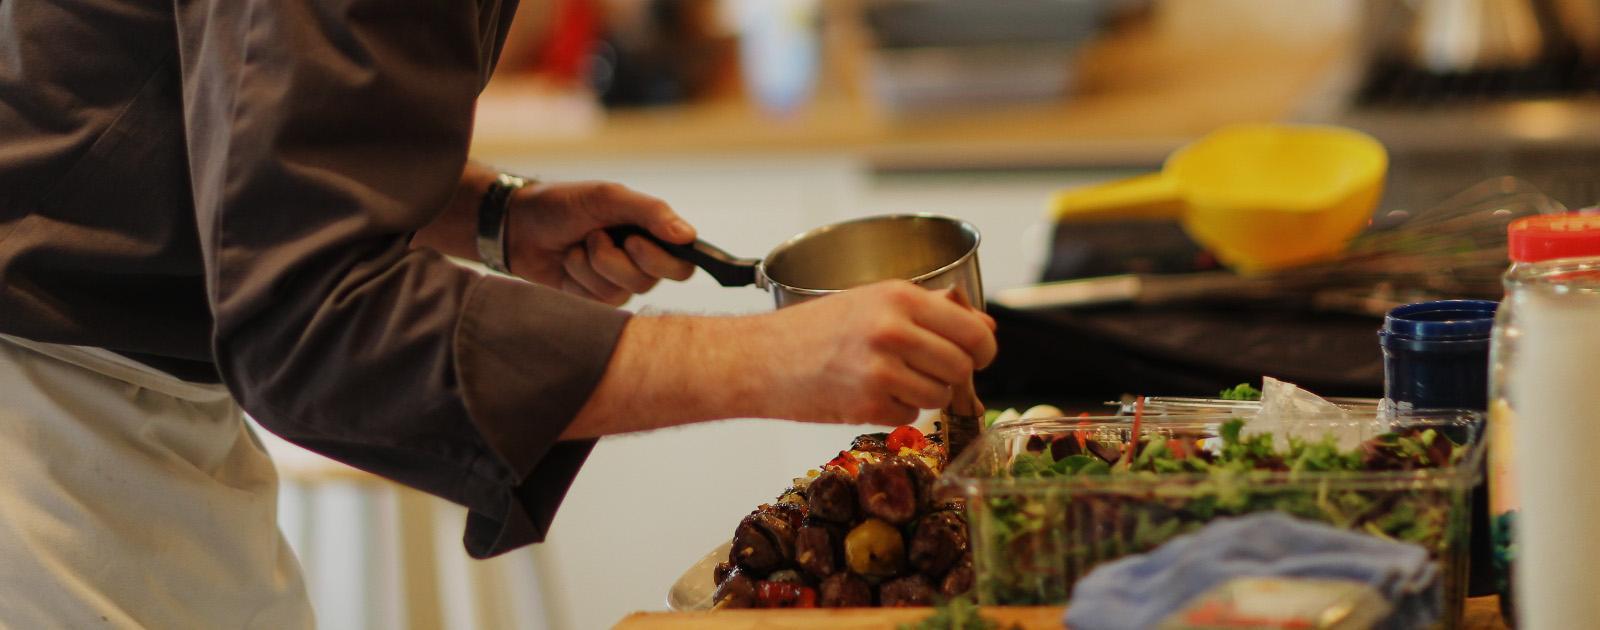 autor chef de cocina